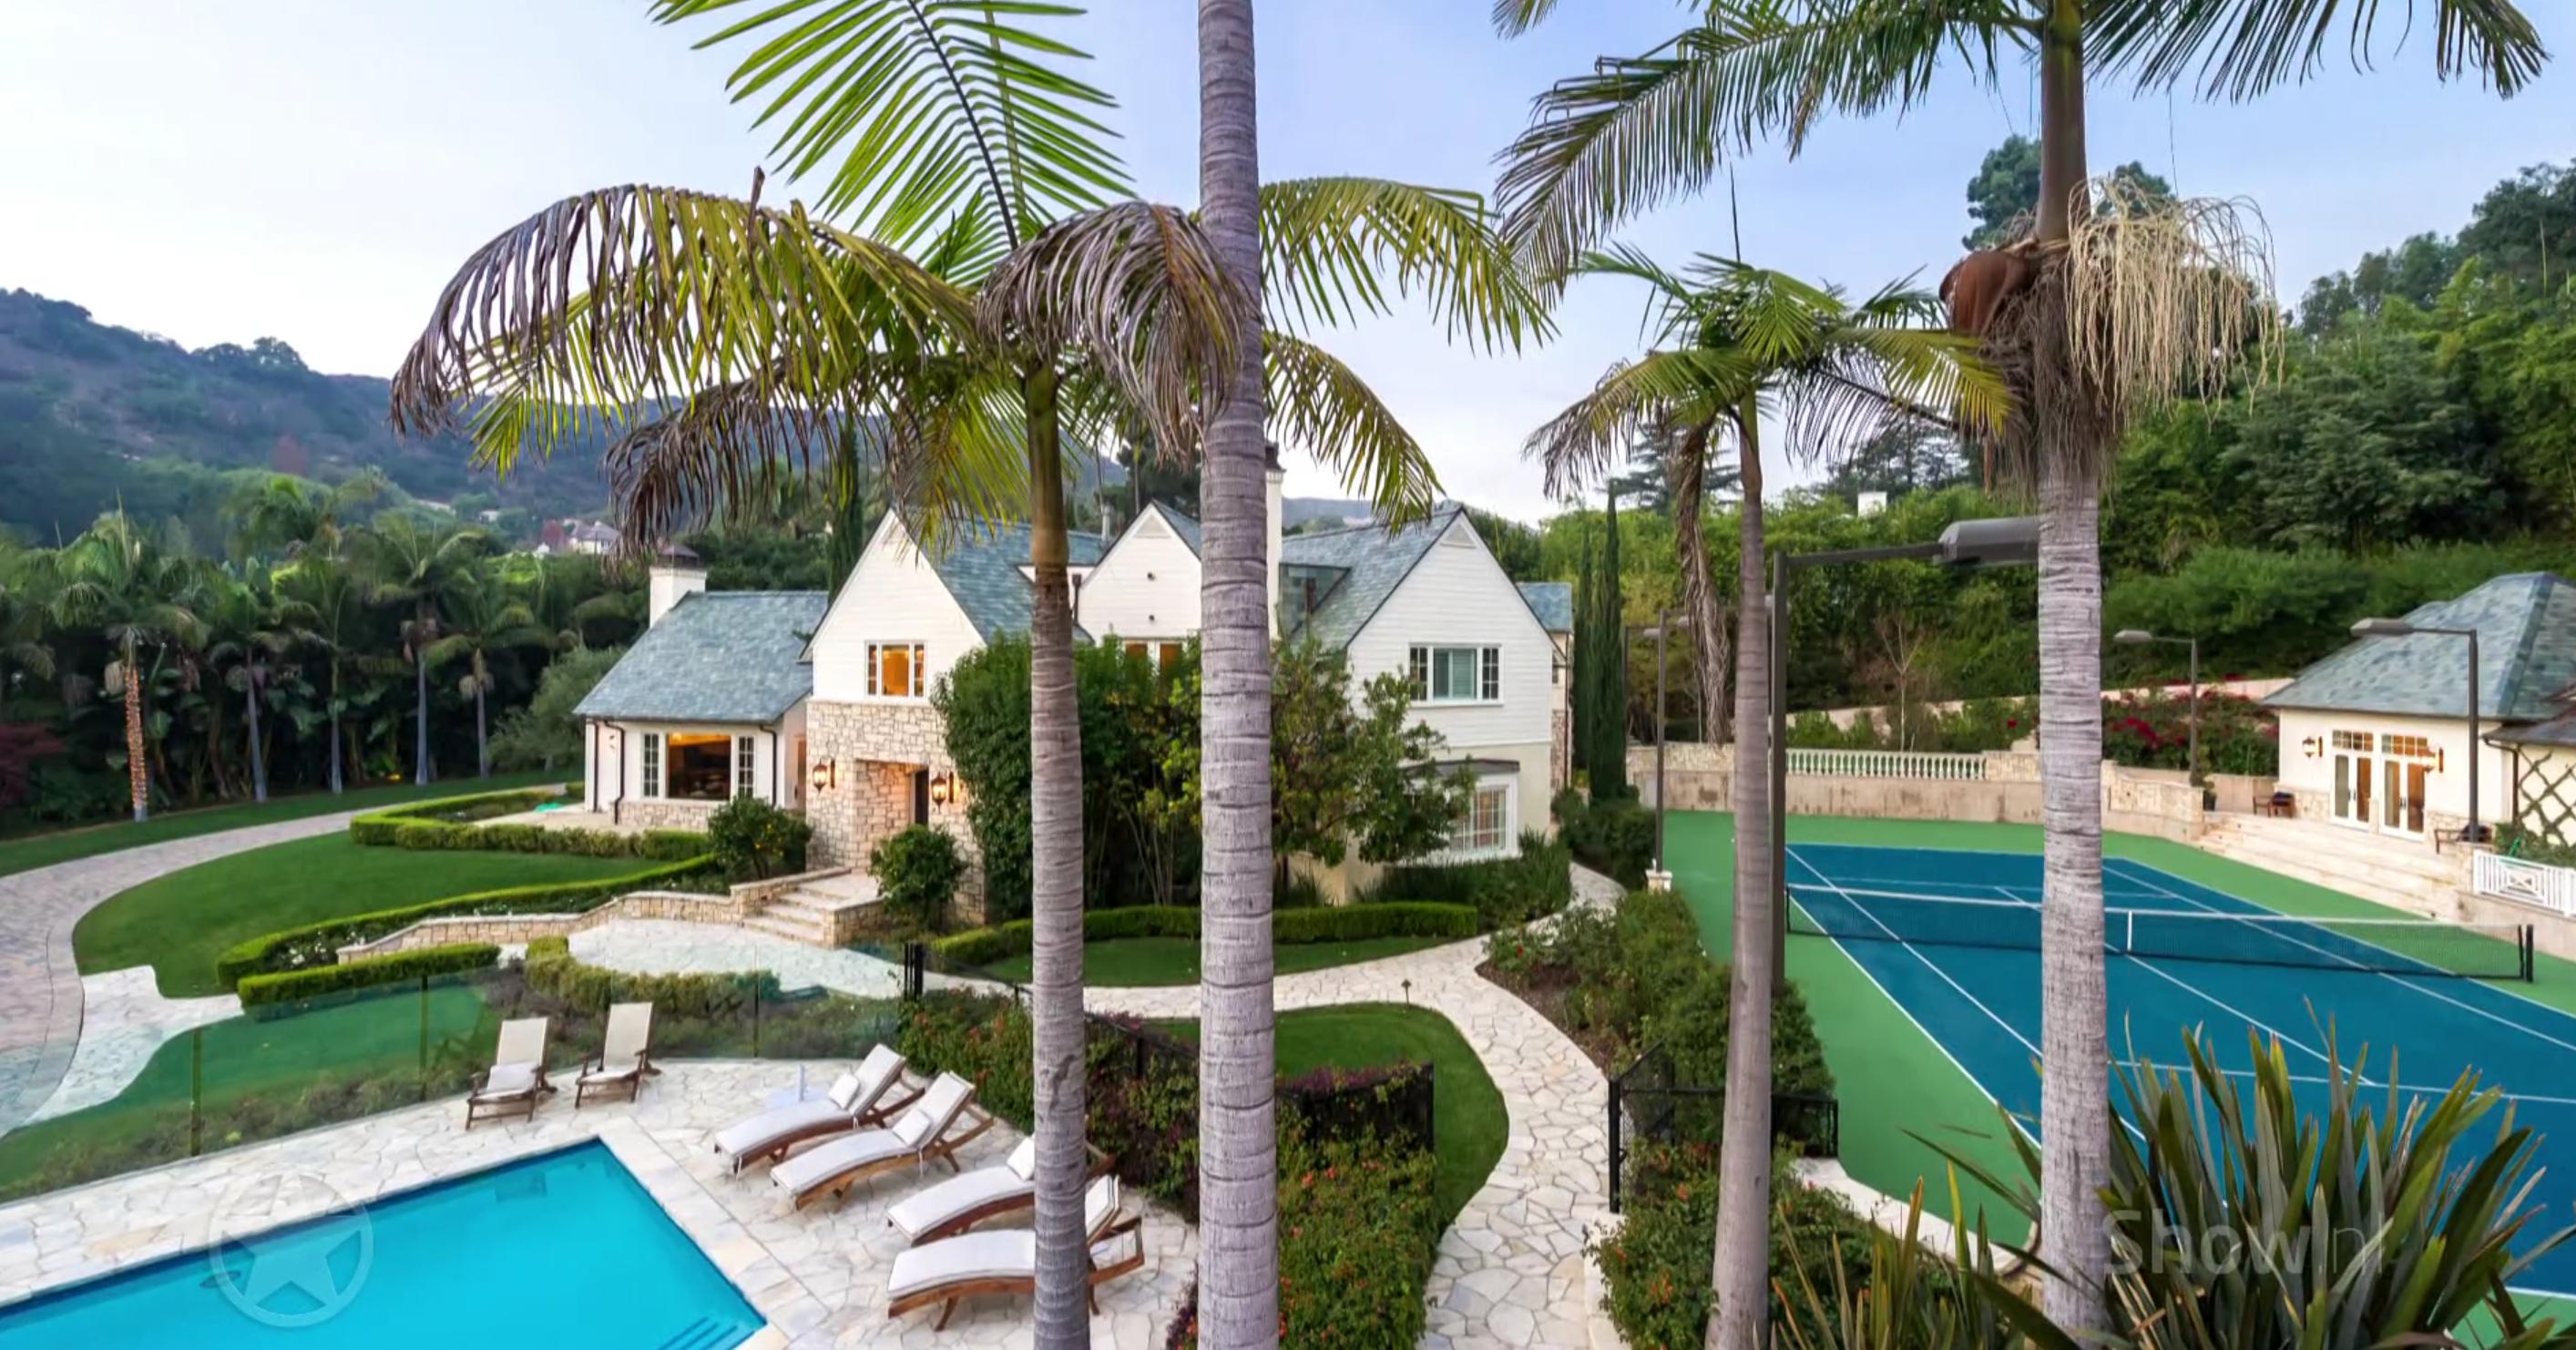 Binnenkijken in het luxe zomerhuis van Mariah Carey